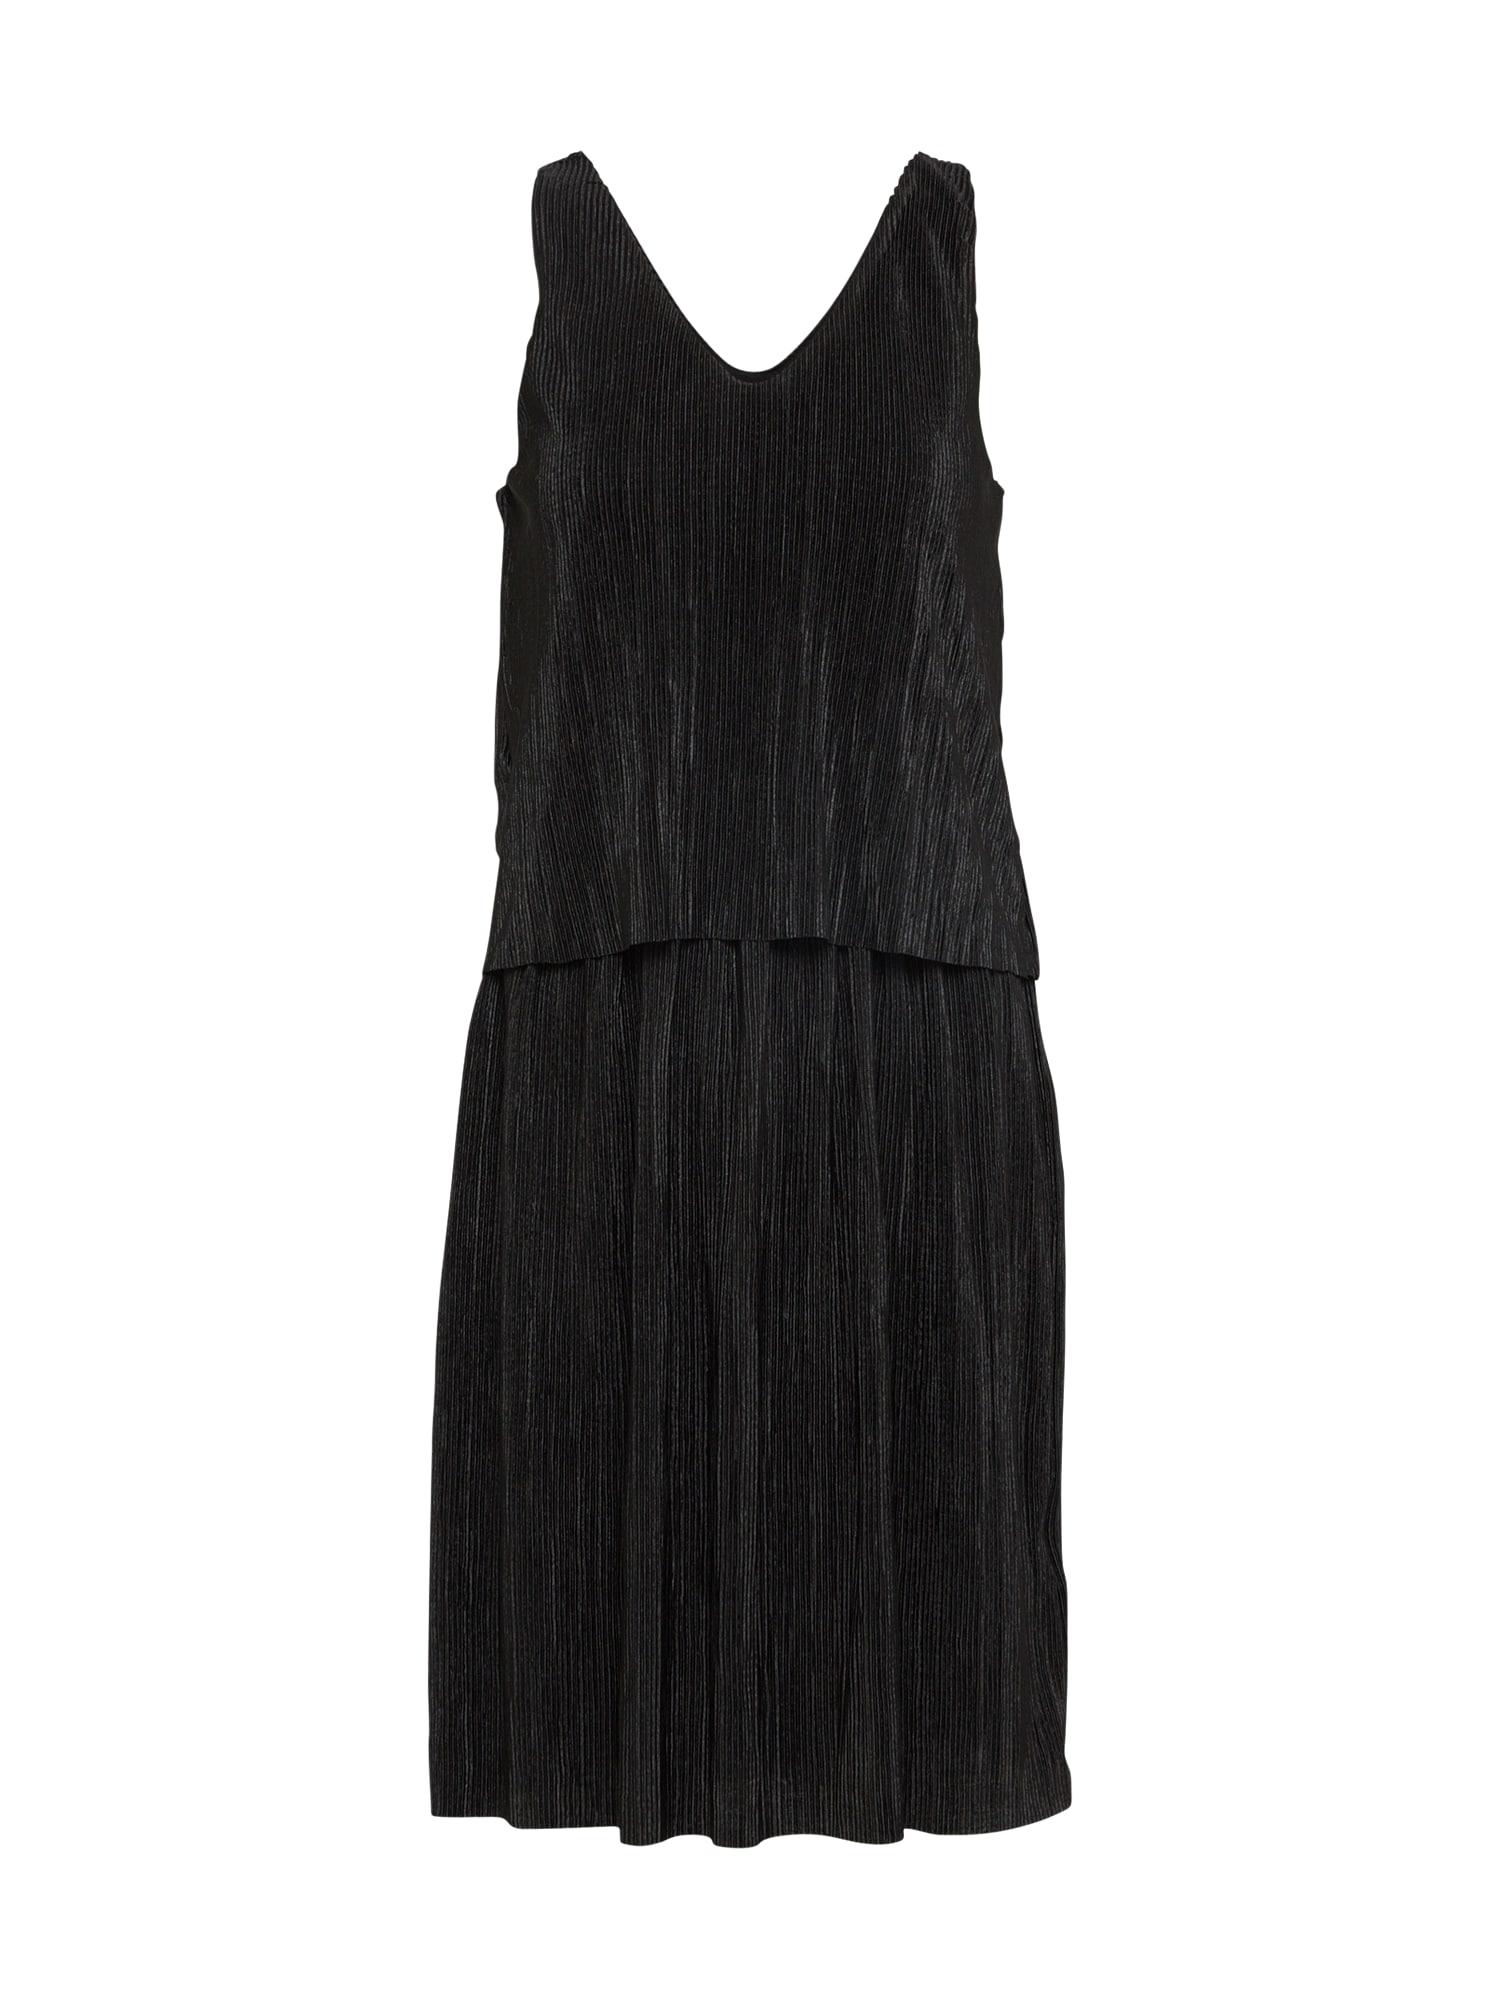 Koktejlové šaty Abbelin černá Blend She